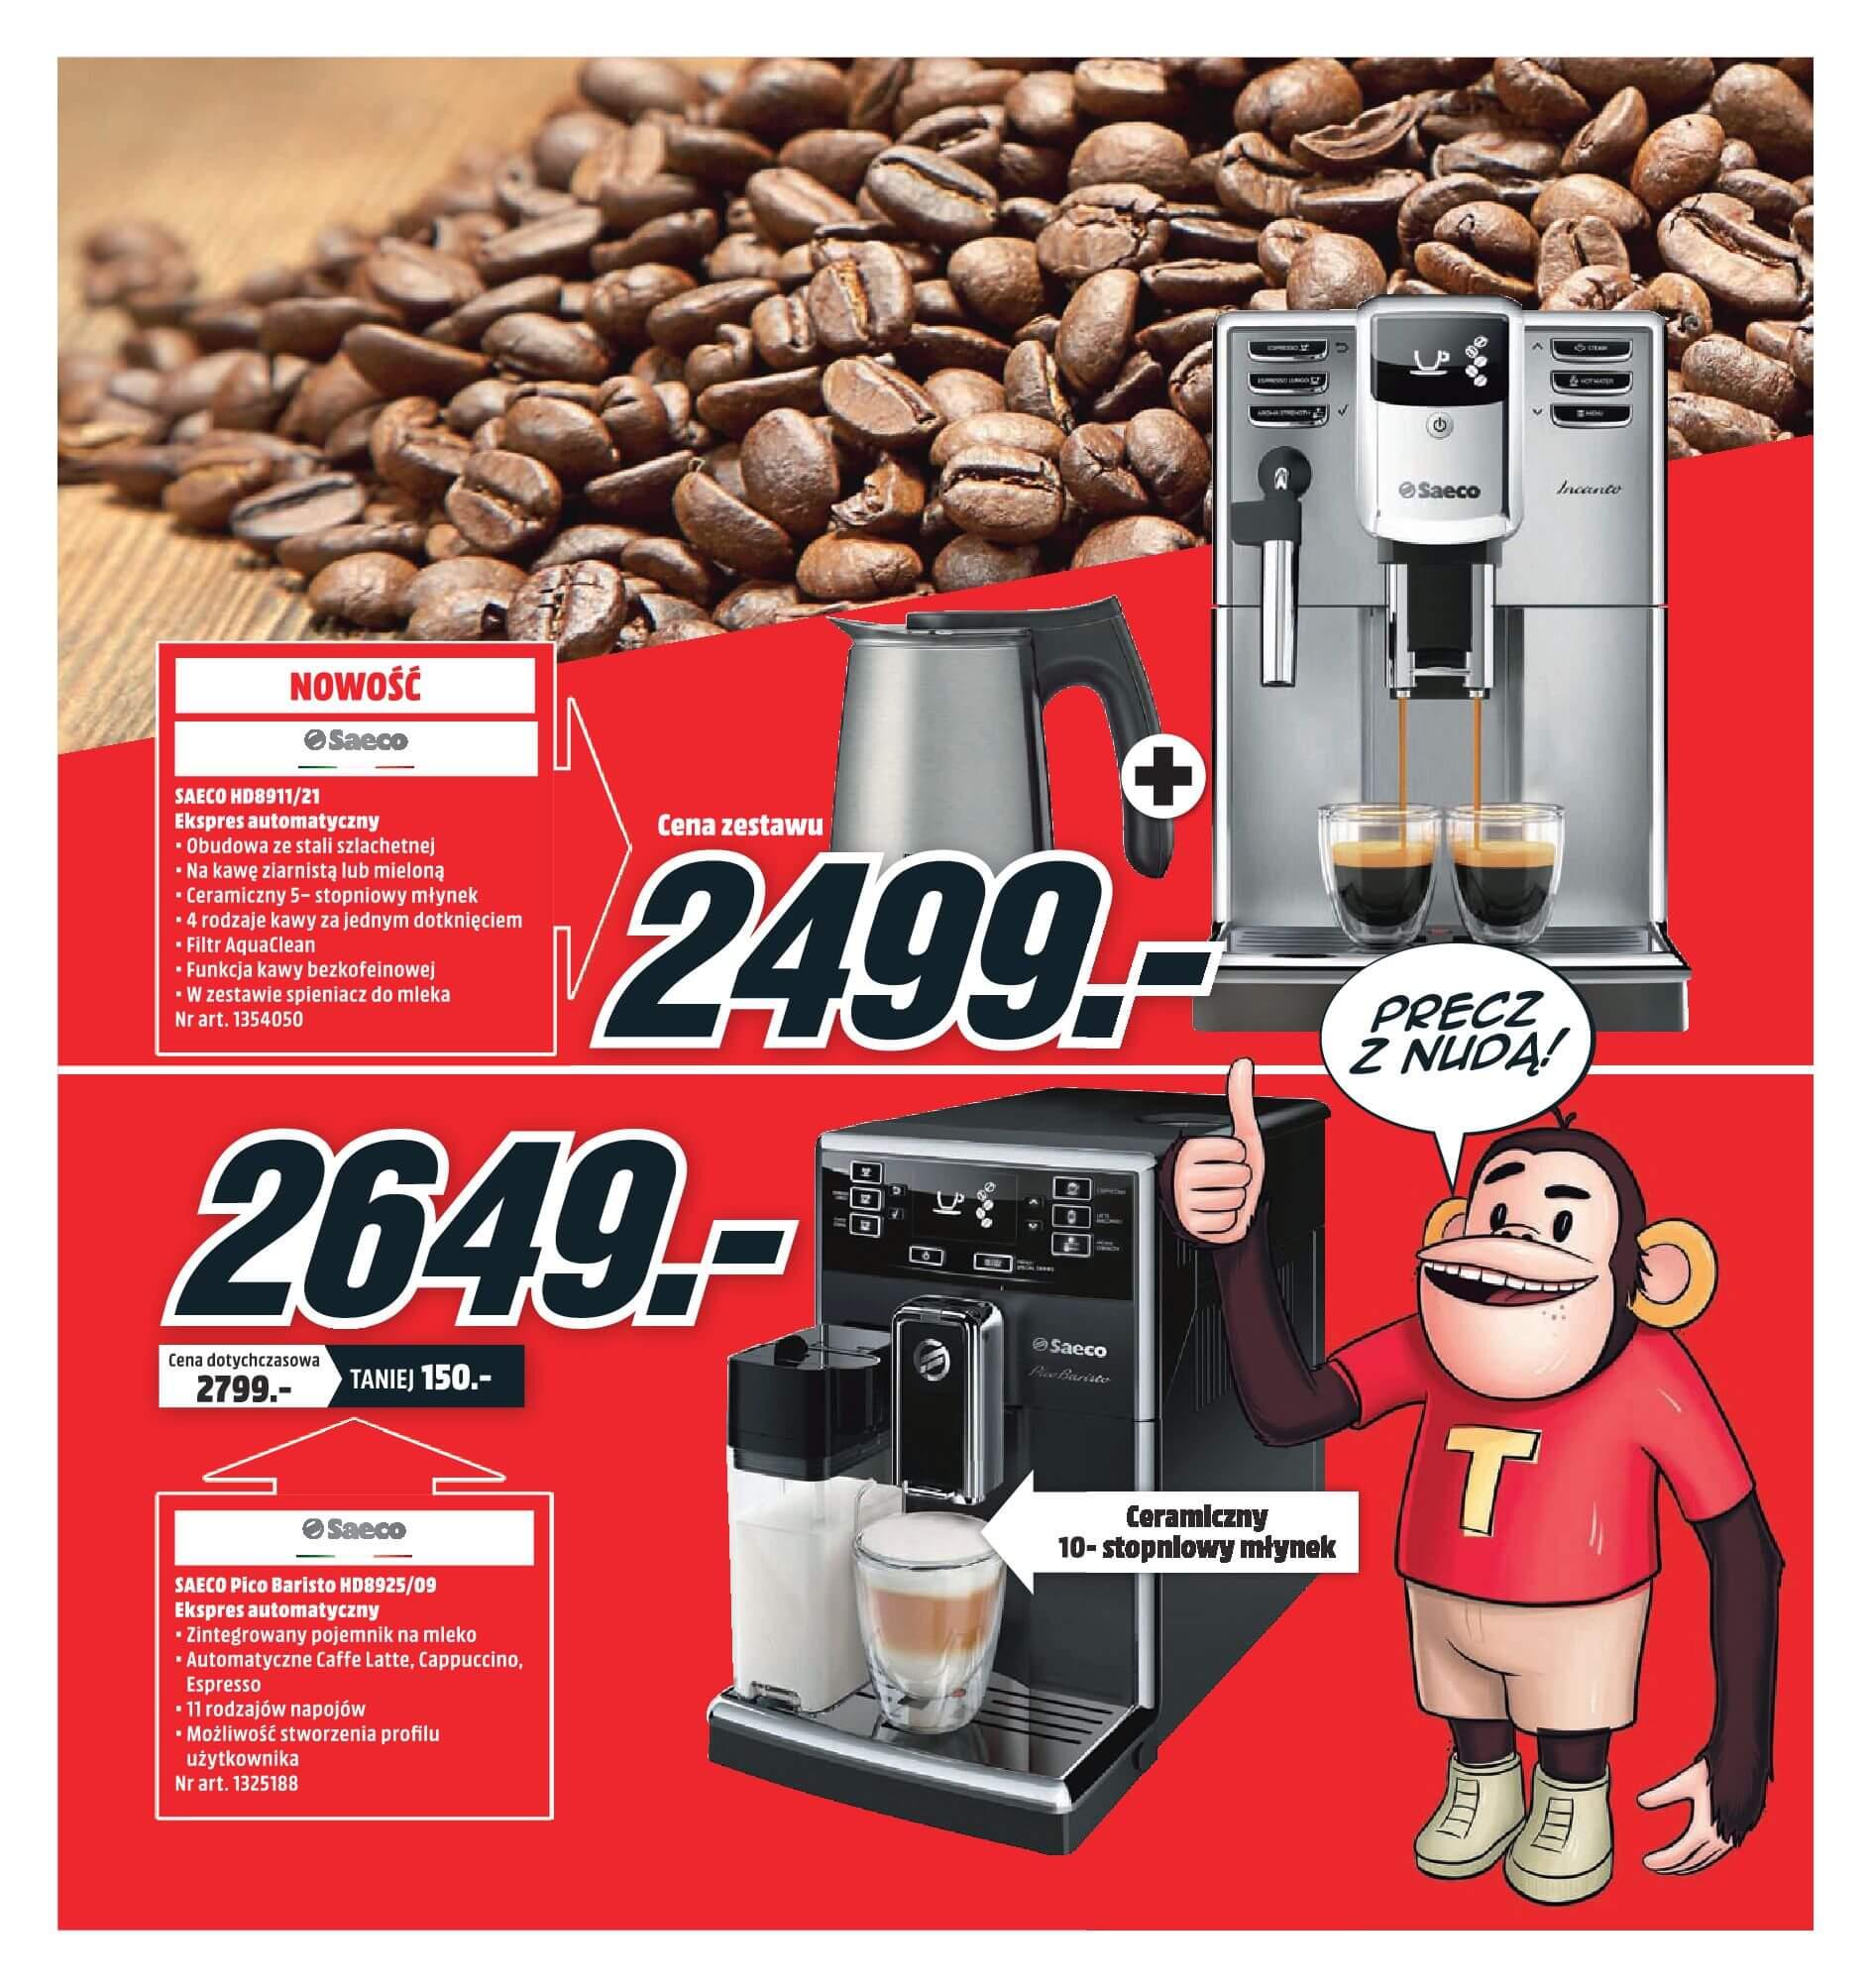 Gazetka Media Markt - Oferta na ekspresy do kawy, blendery, odkurzacze-2017-11-19-2017-12-10-page-4